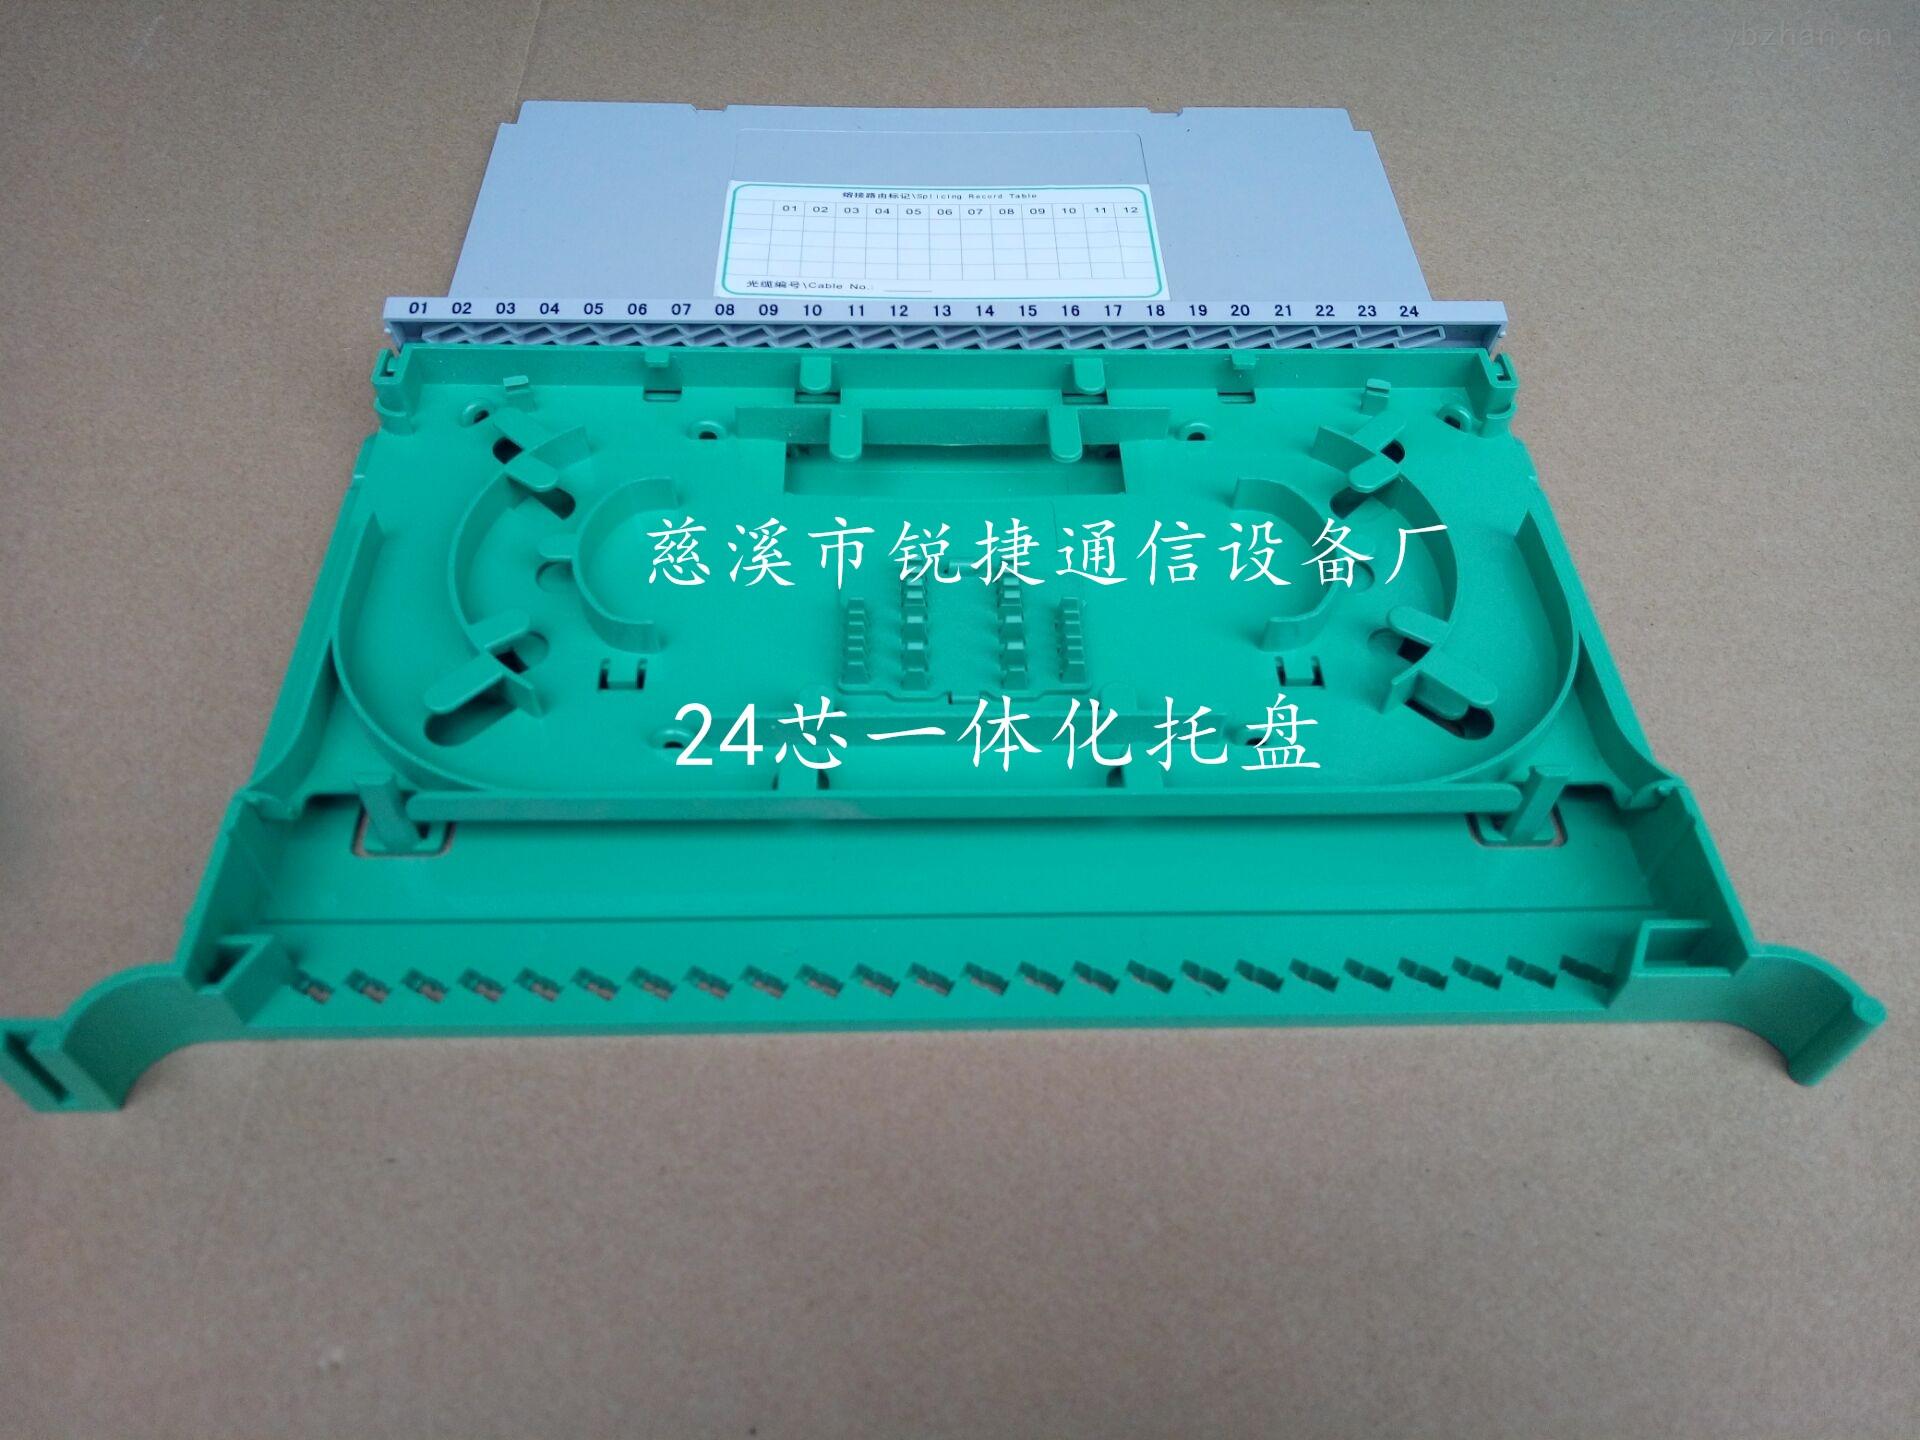 3.0光纤熔接盘锐捷单层24芯光纤一体化托盘